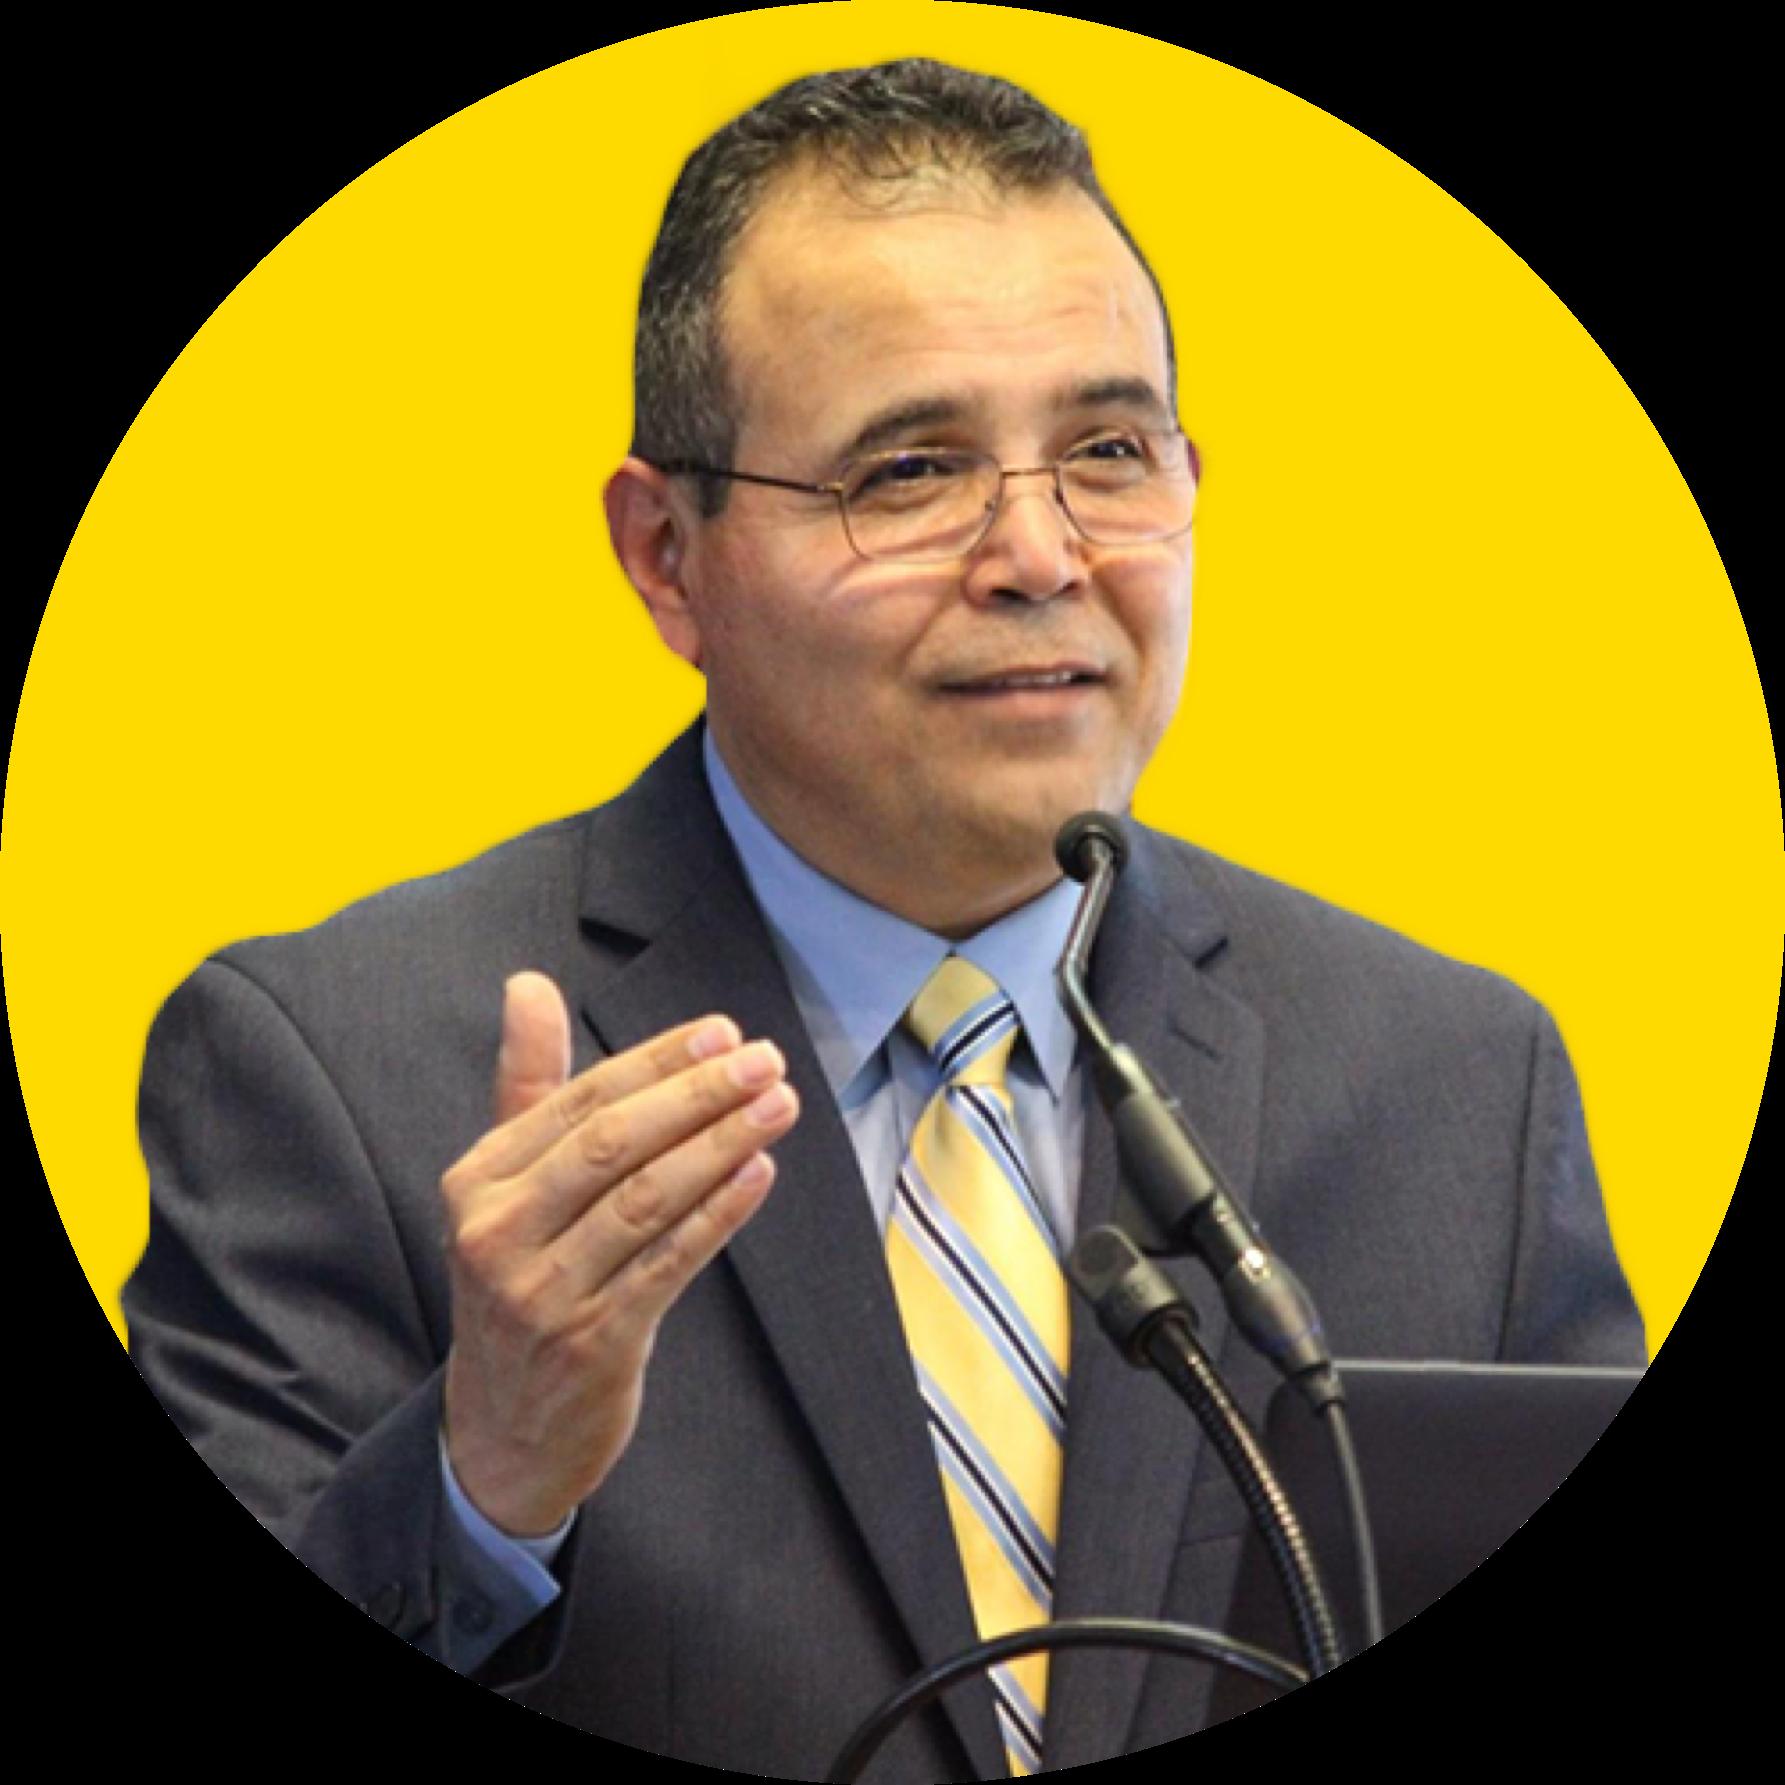 Pastor Orlando Enamorado